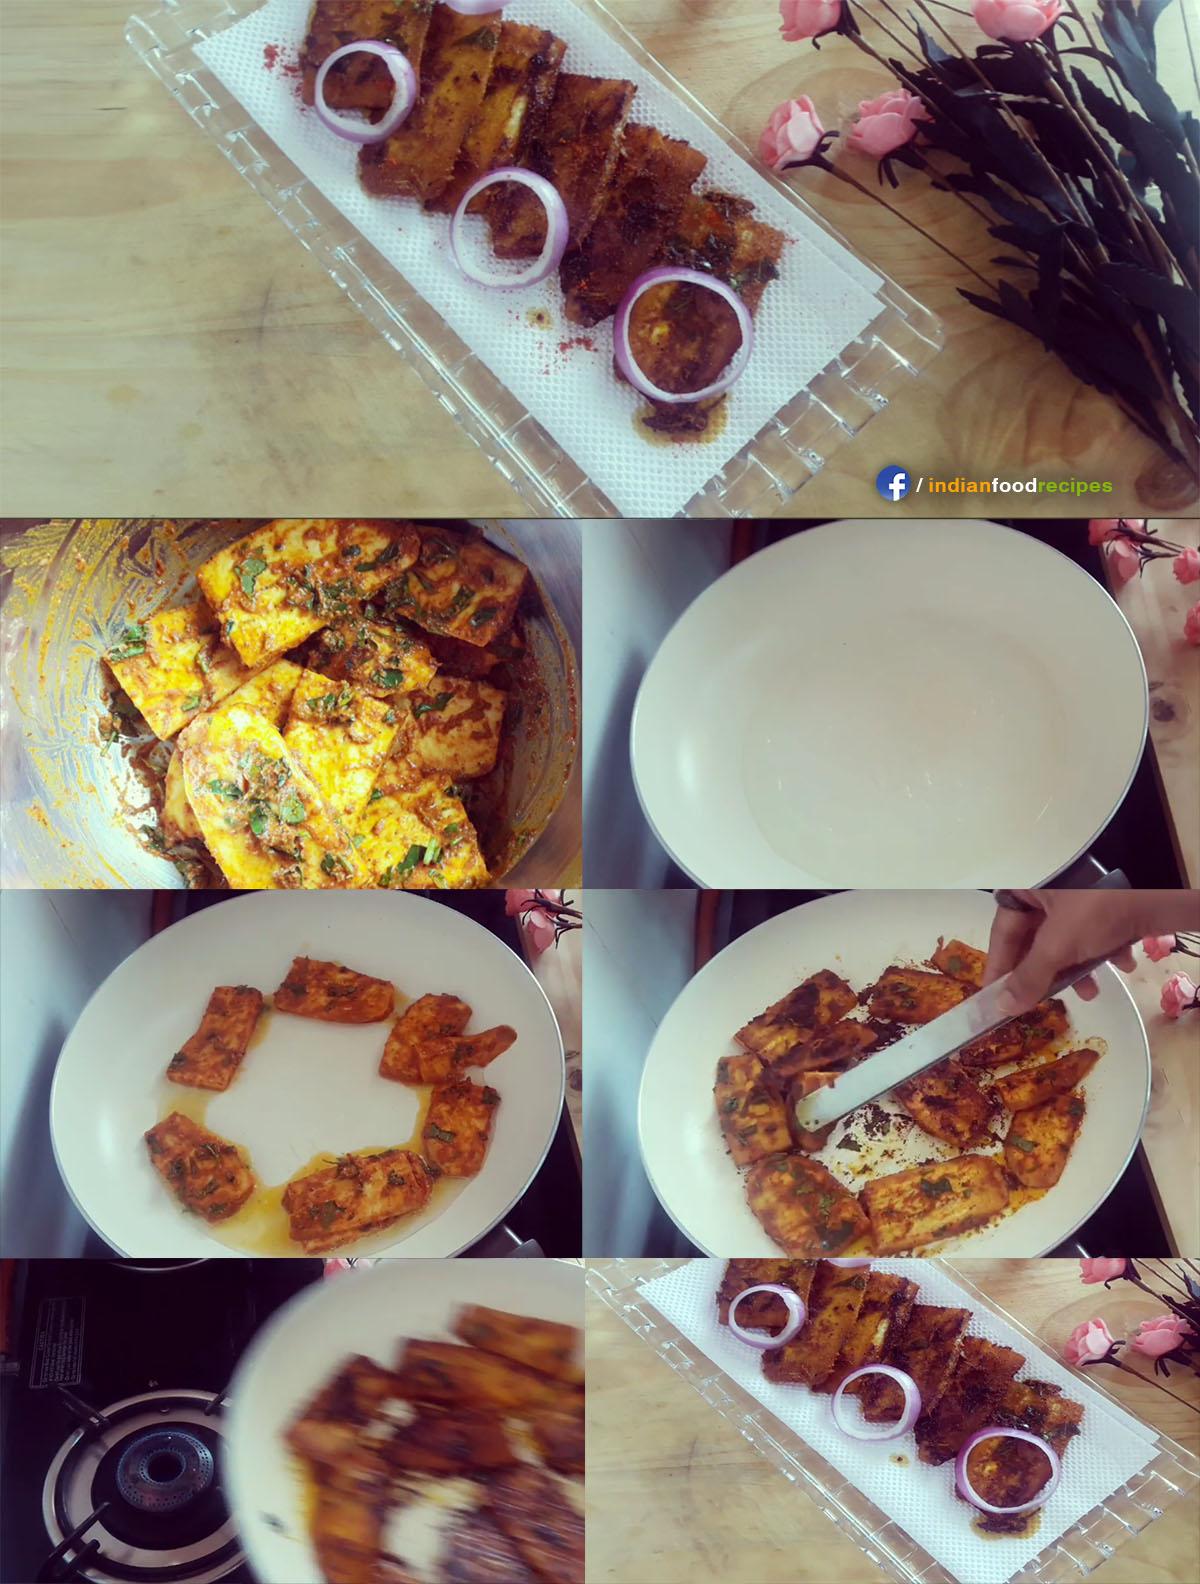 Spicy Raw Banana Stir Fry recipe step by step